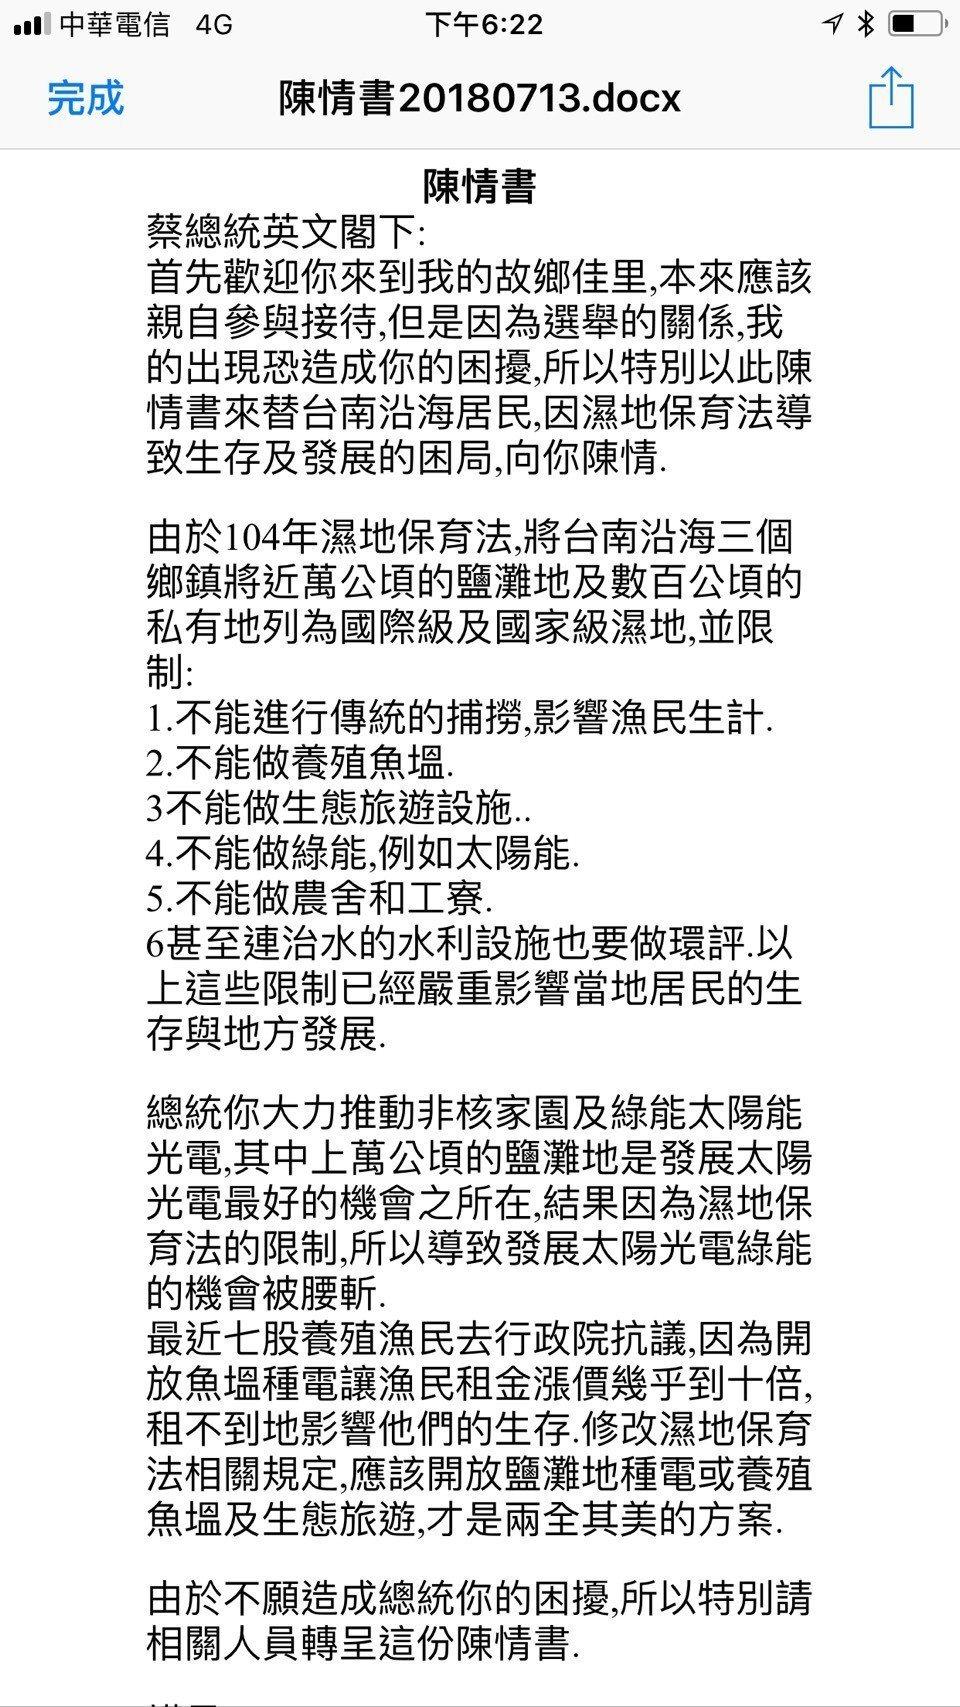 蘇煥智陳情書全文。圖/翻攝自Line群組